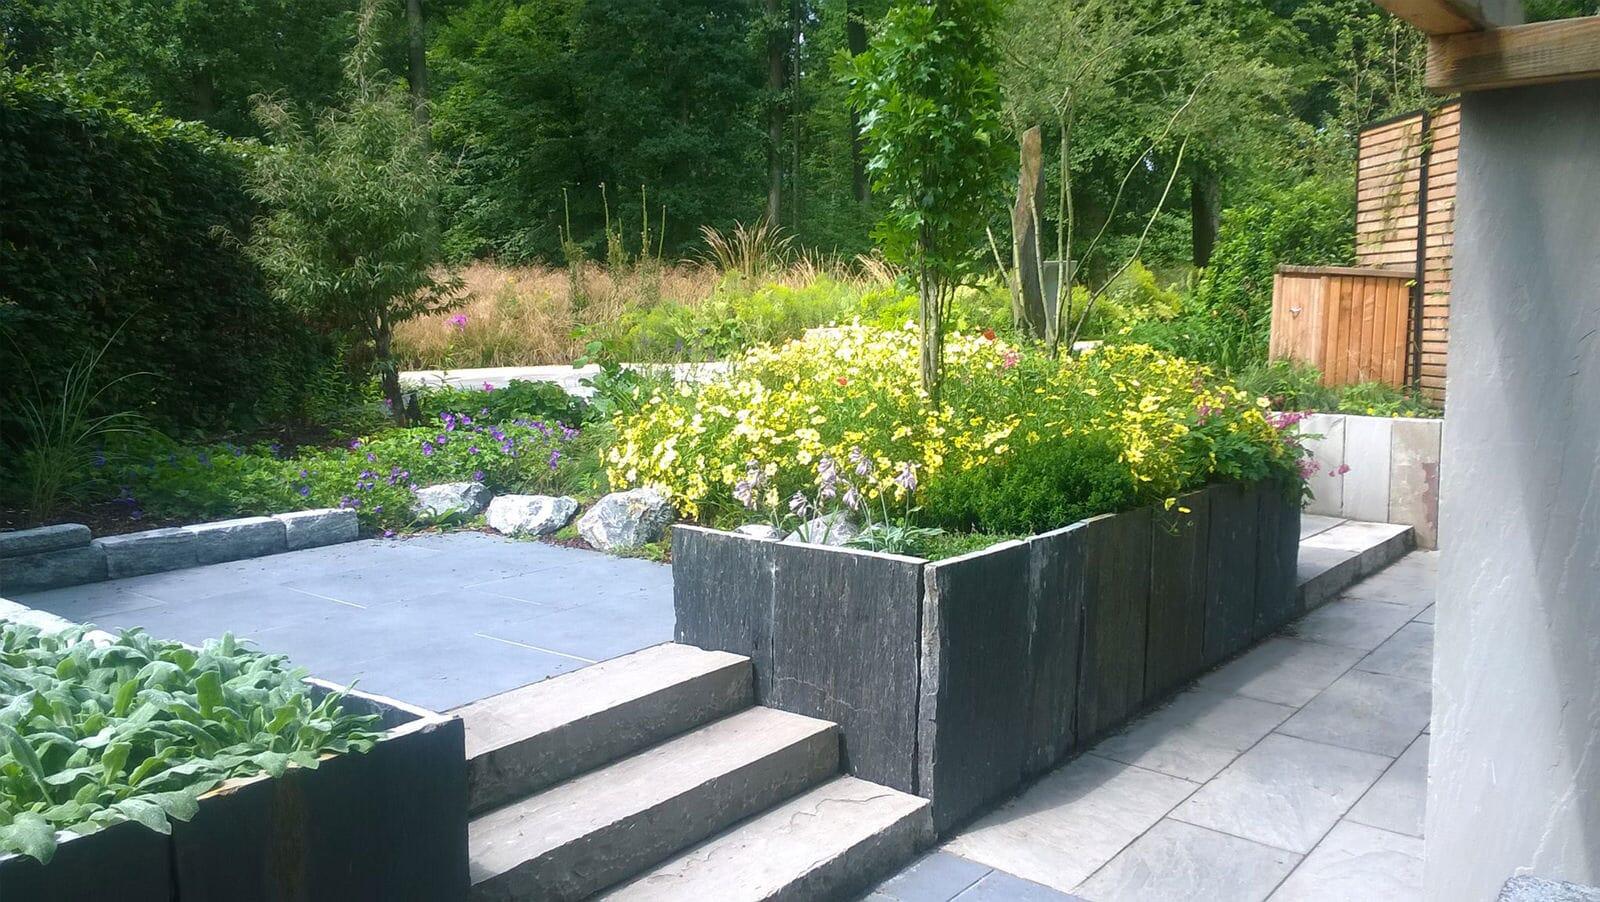 Landesgartenschau 2017 - Der 45 Grad Garten: Raumschaffer, Treppe, Hochbeete